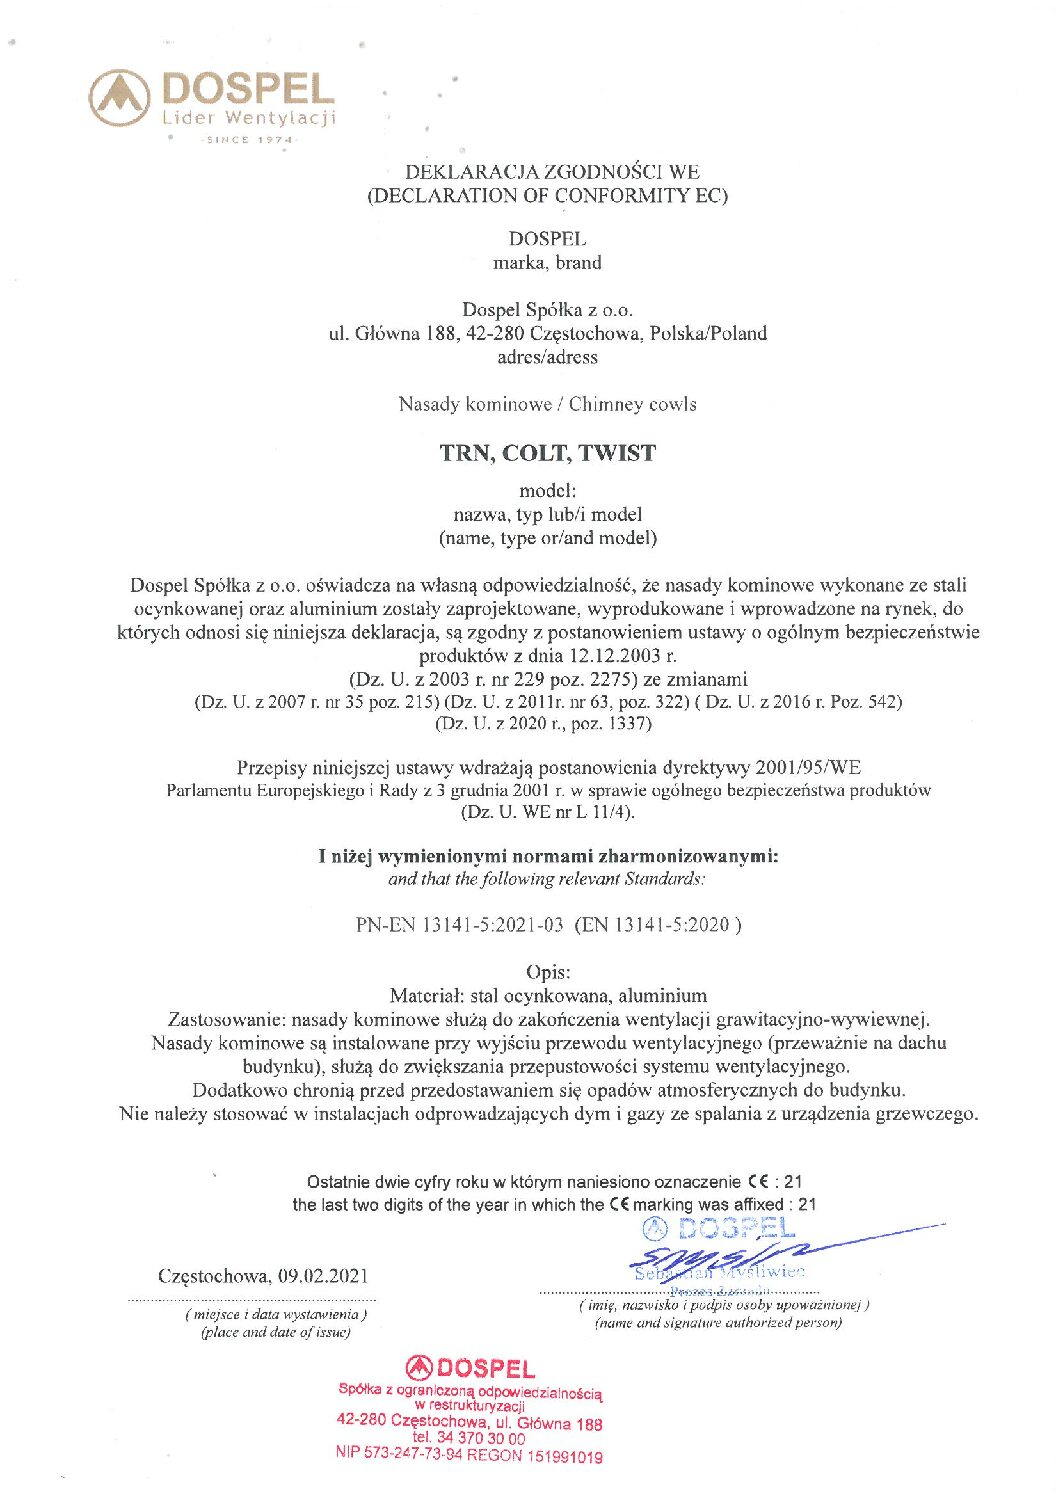 Nasady kominowe, TRN, COLT, TWIST, ertyfikat, deklaracja zgodności, producent nasad kominowych, Dospel